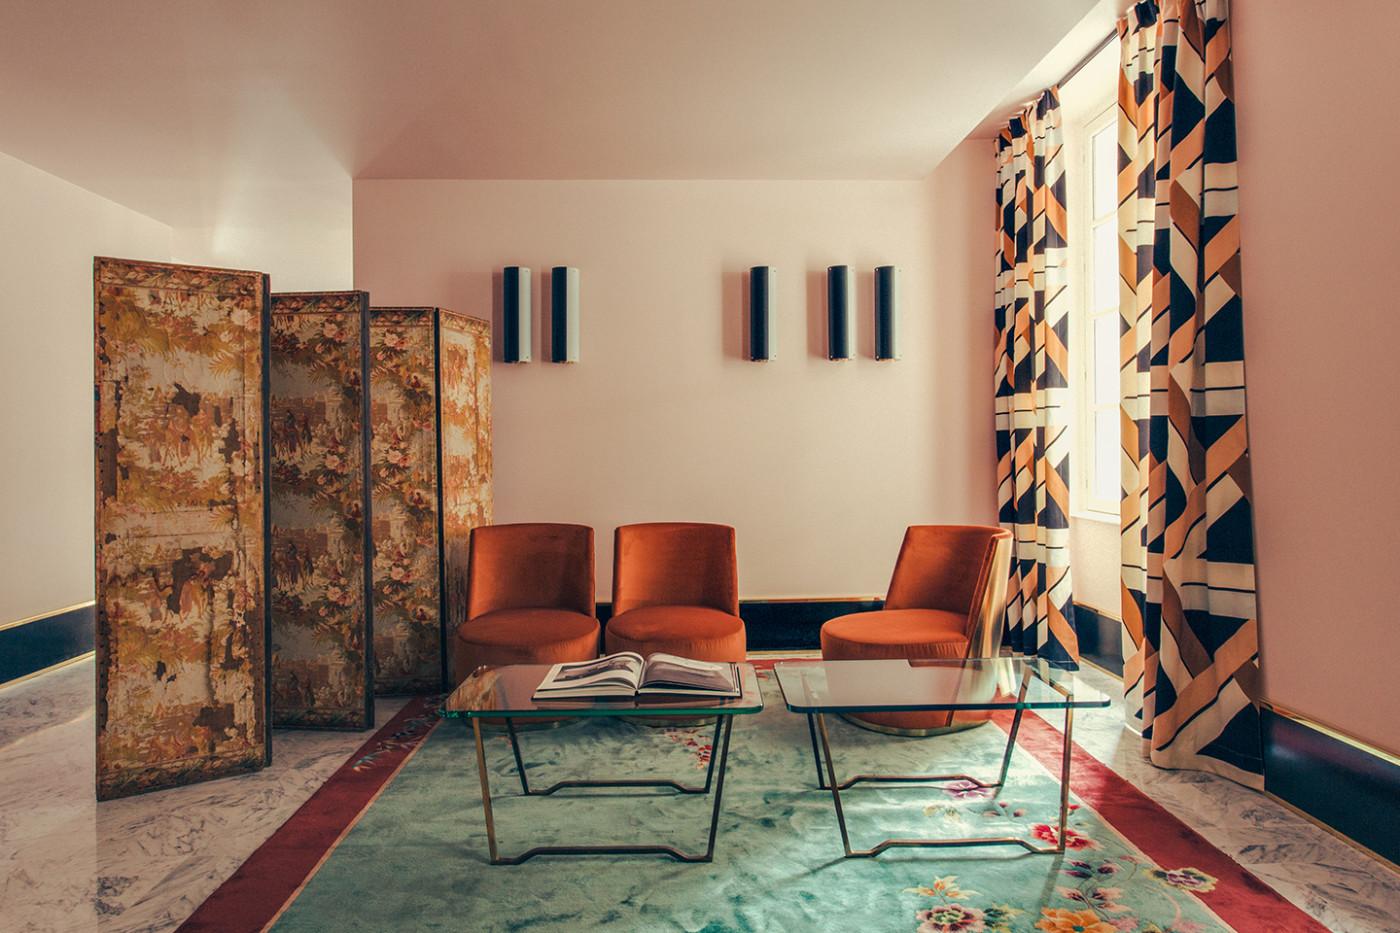 Studio Hotel A Paris